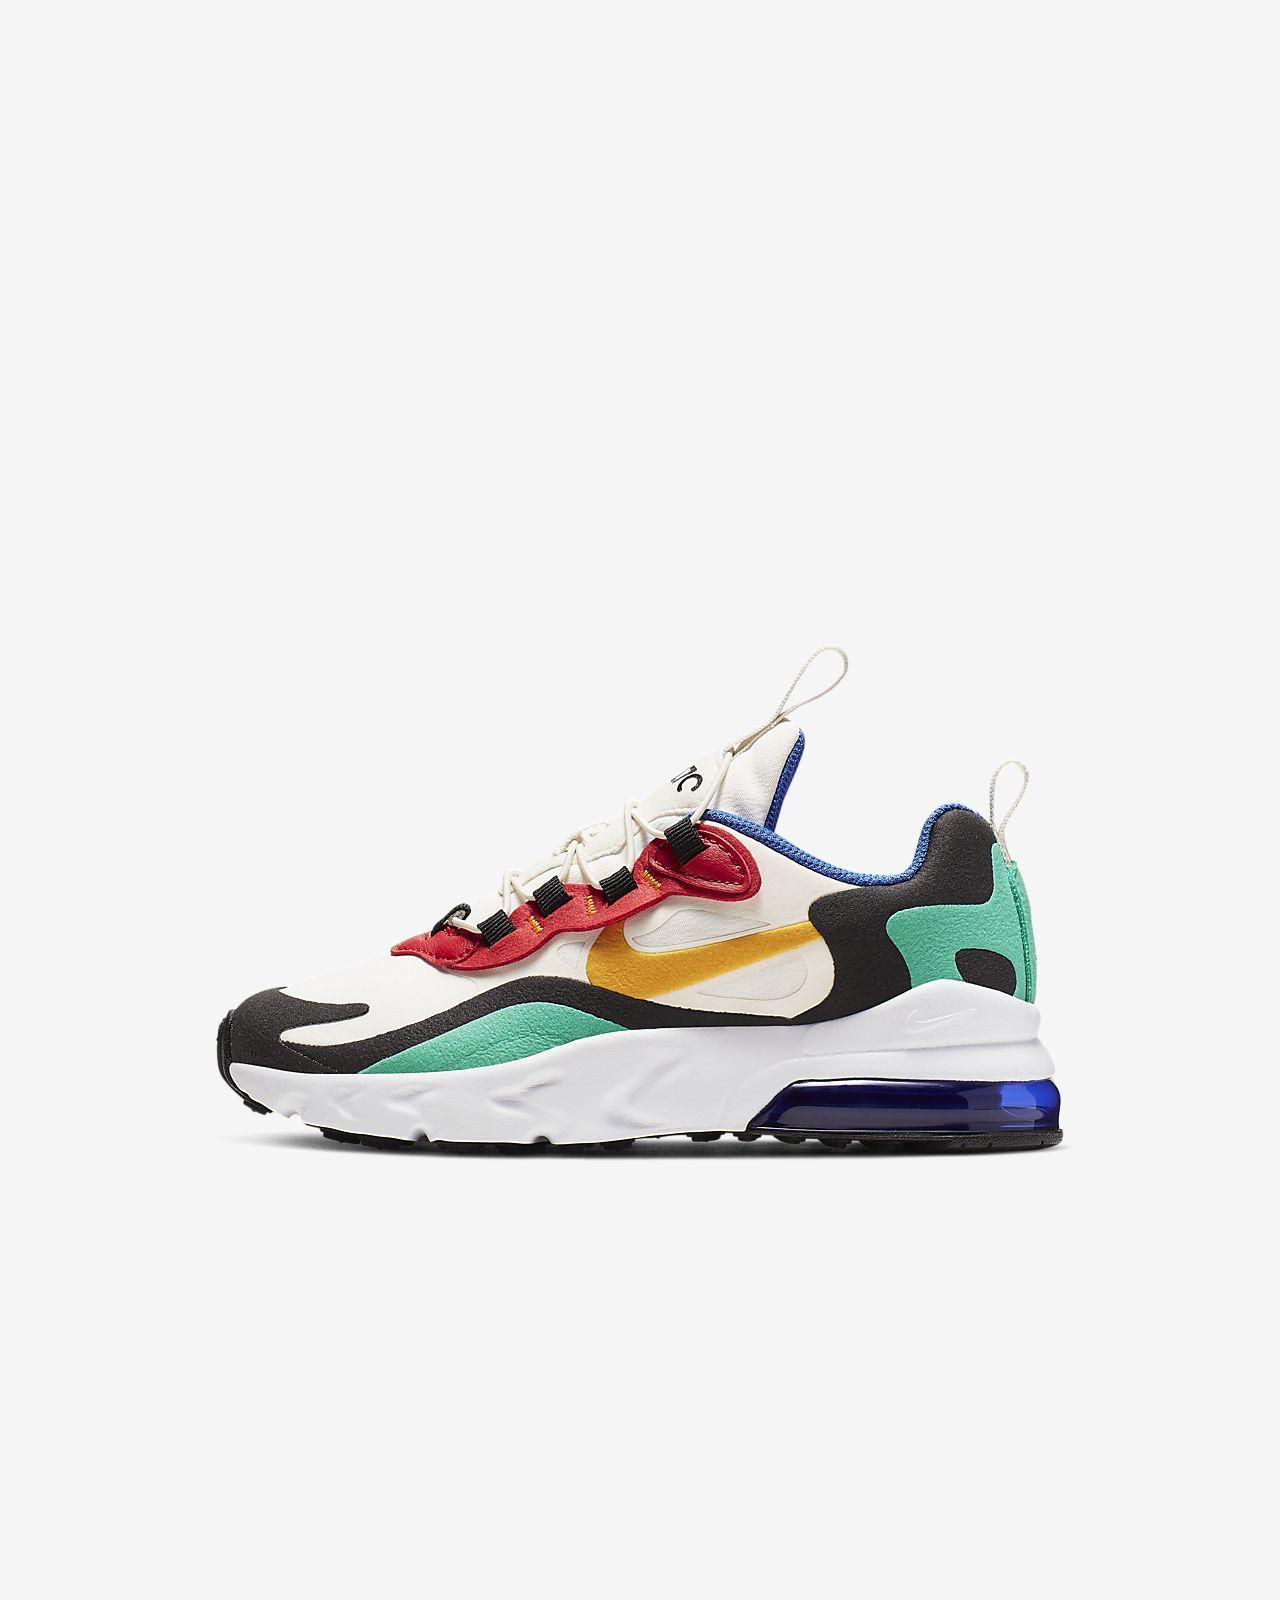 Nike Air Max 270 RT Küçük Çocuk Ayakkabısı